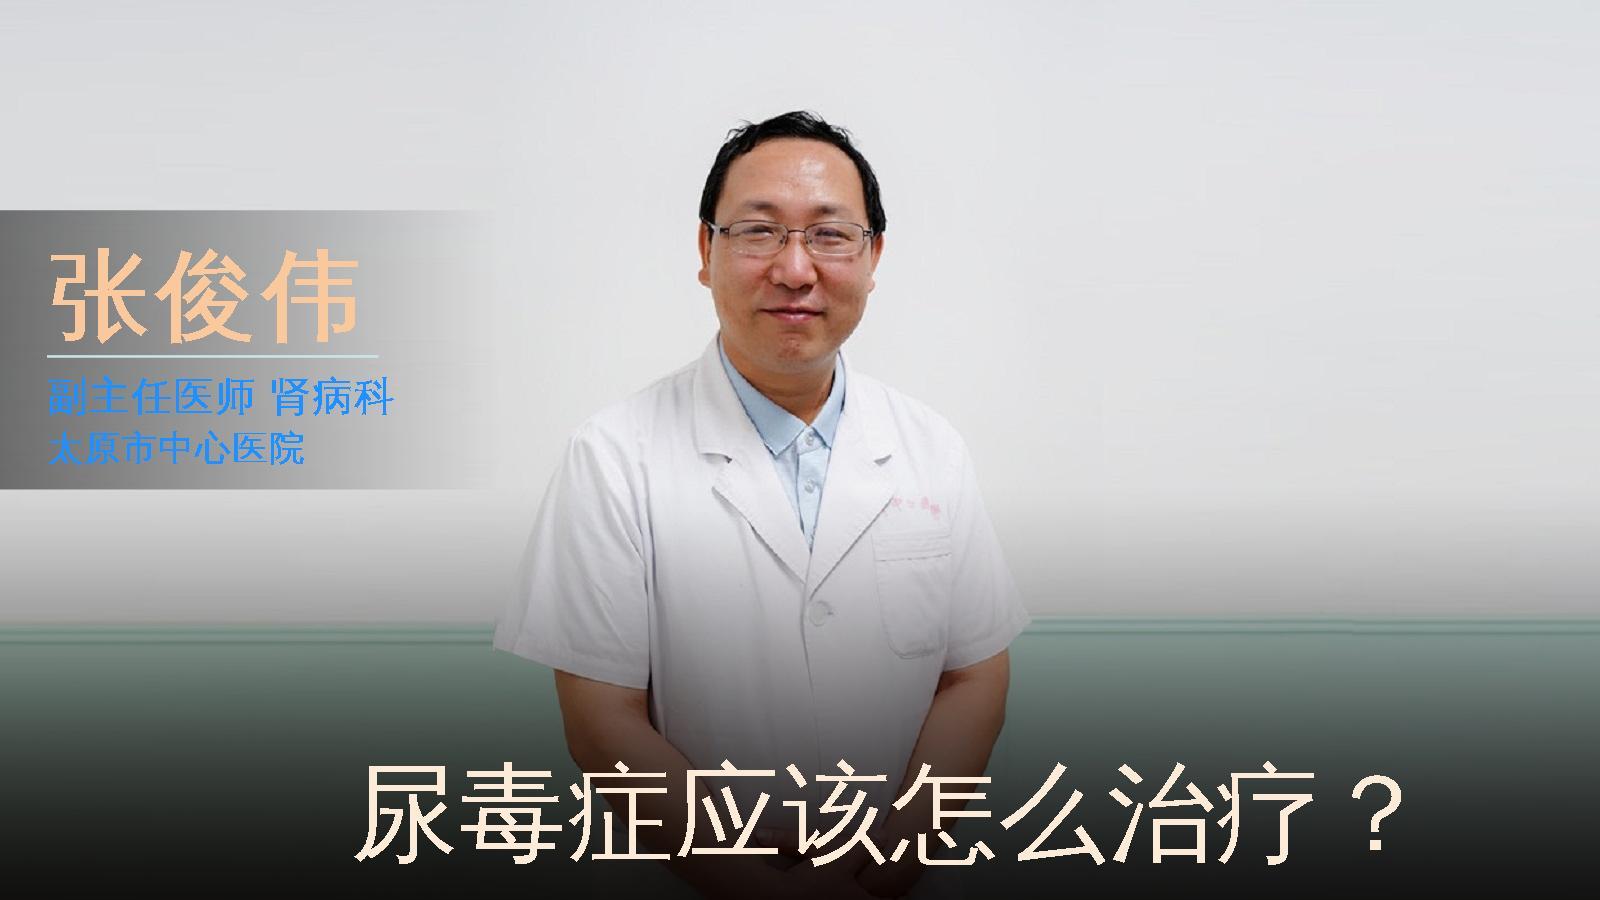 尿毒症应该怎么治疗?